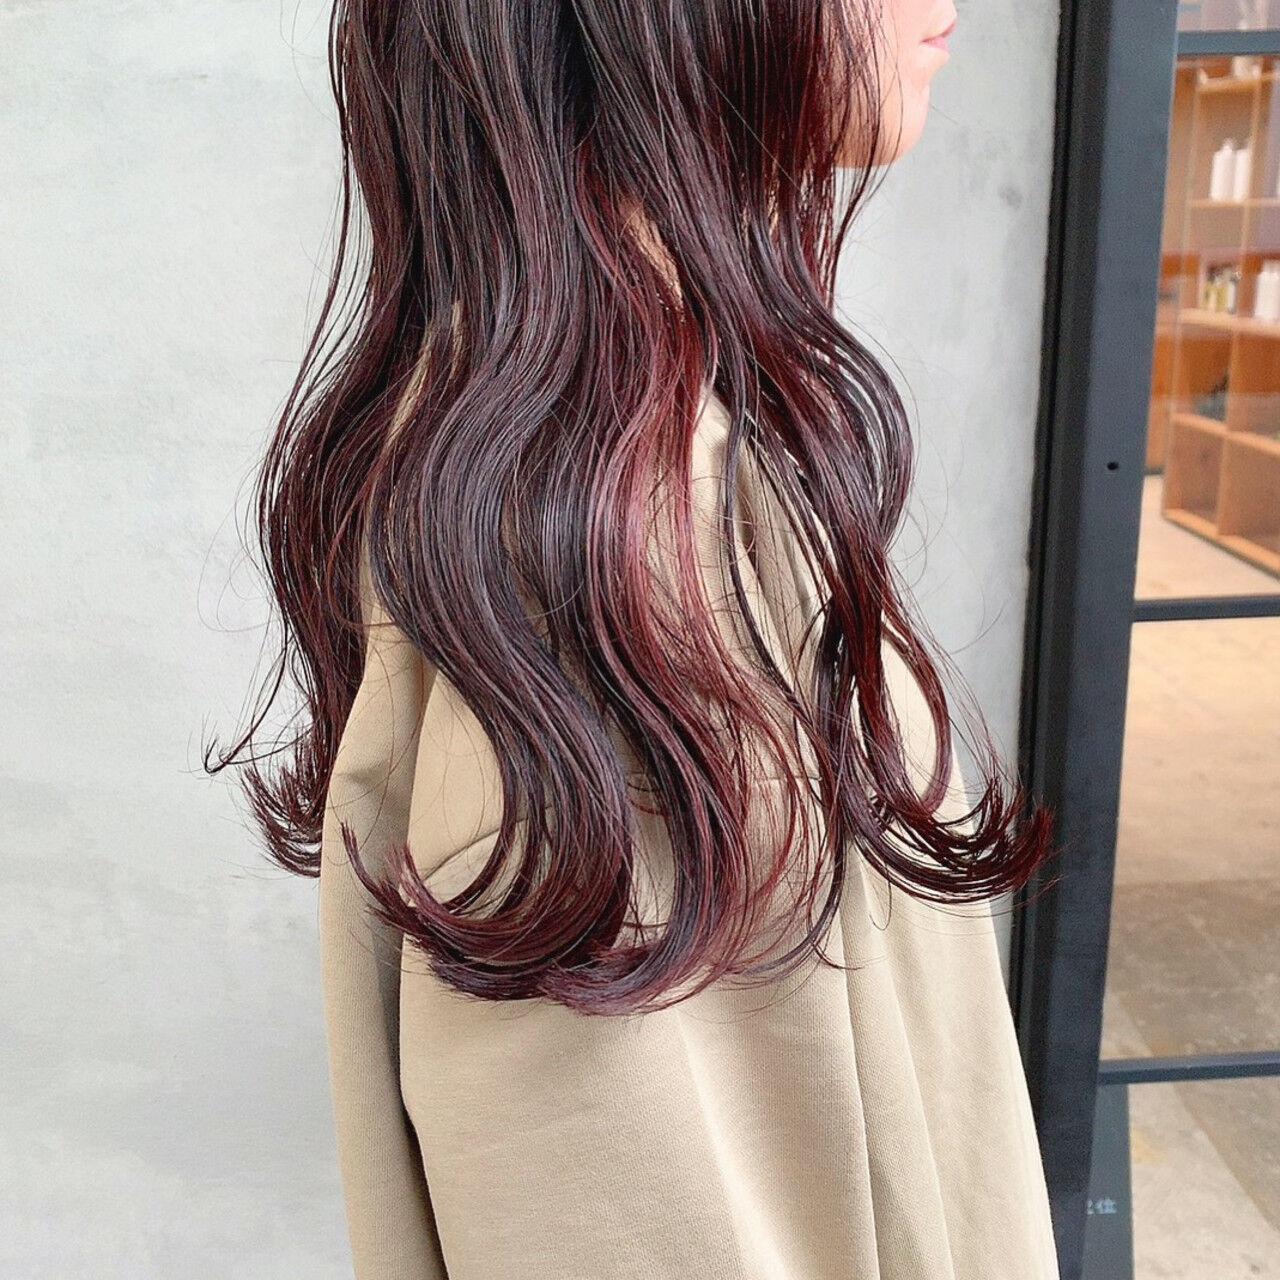 ロング ピンクブラウン 赤髪 簡単スタイリングヘアスタイルや髪型の写真・画像